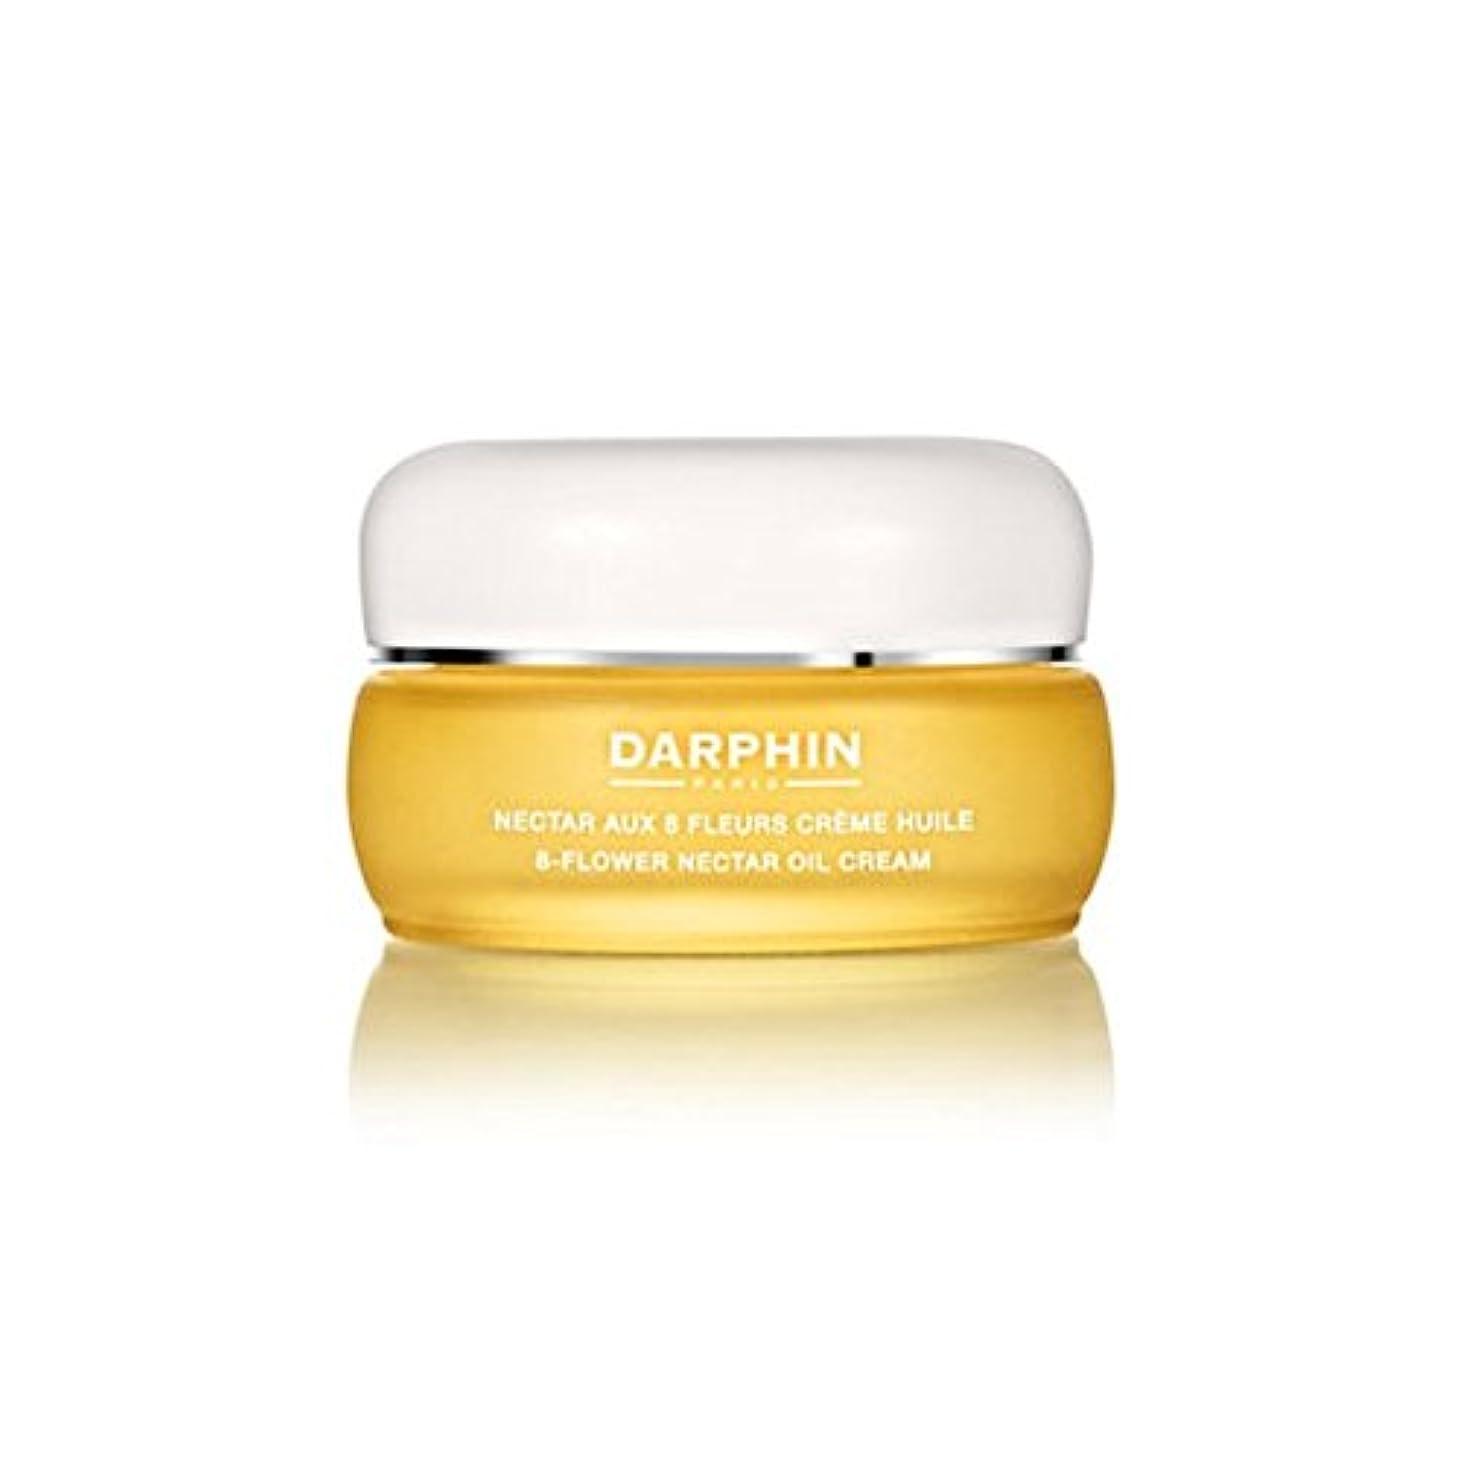 用量ドアミラー広がりダルファン8フラワー油クリーム(30ミリリットル) x2 - Darphin 8-Flower Oil Cream (30ml) (Pack of 2) [並行輸入品]